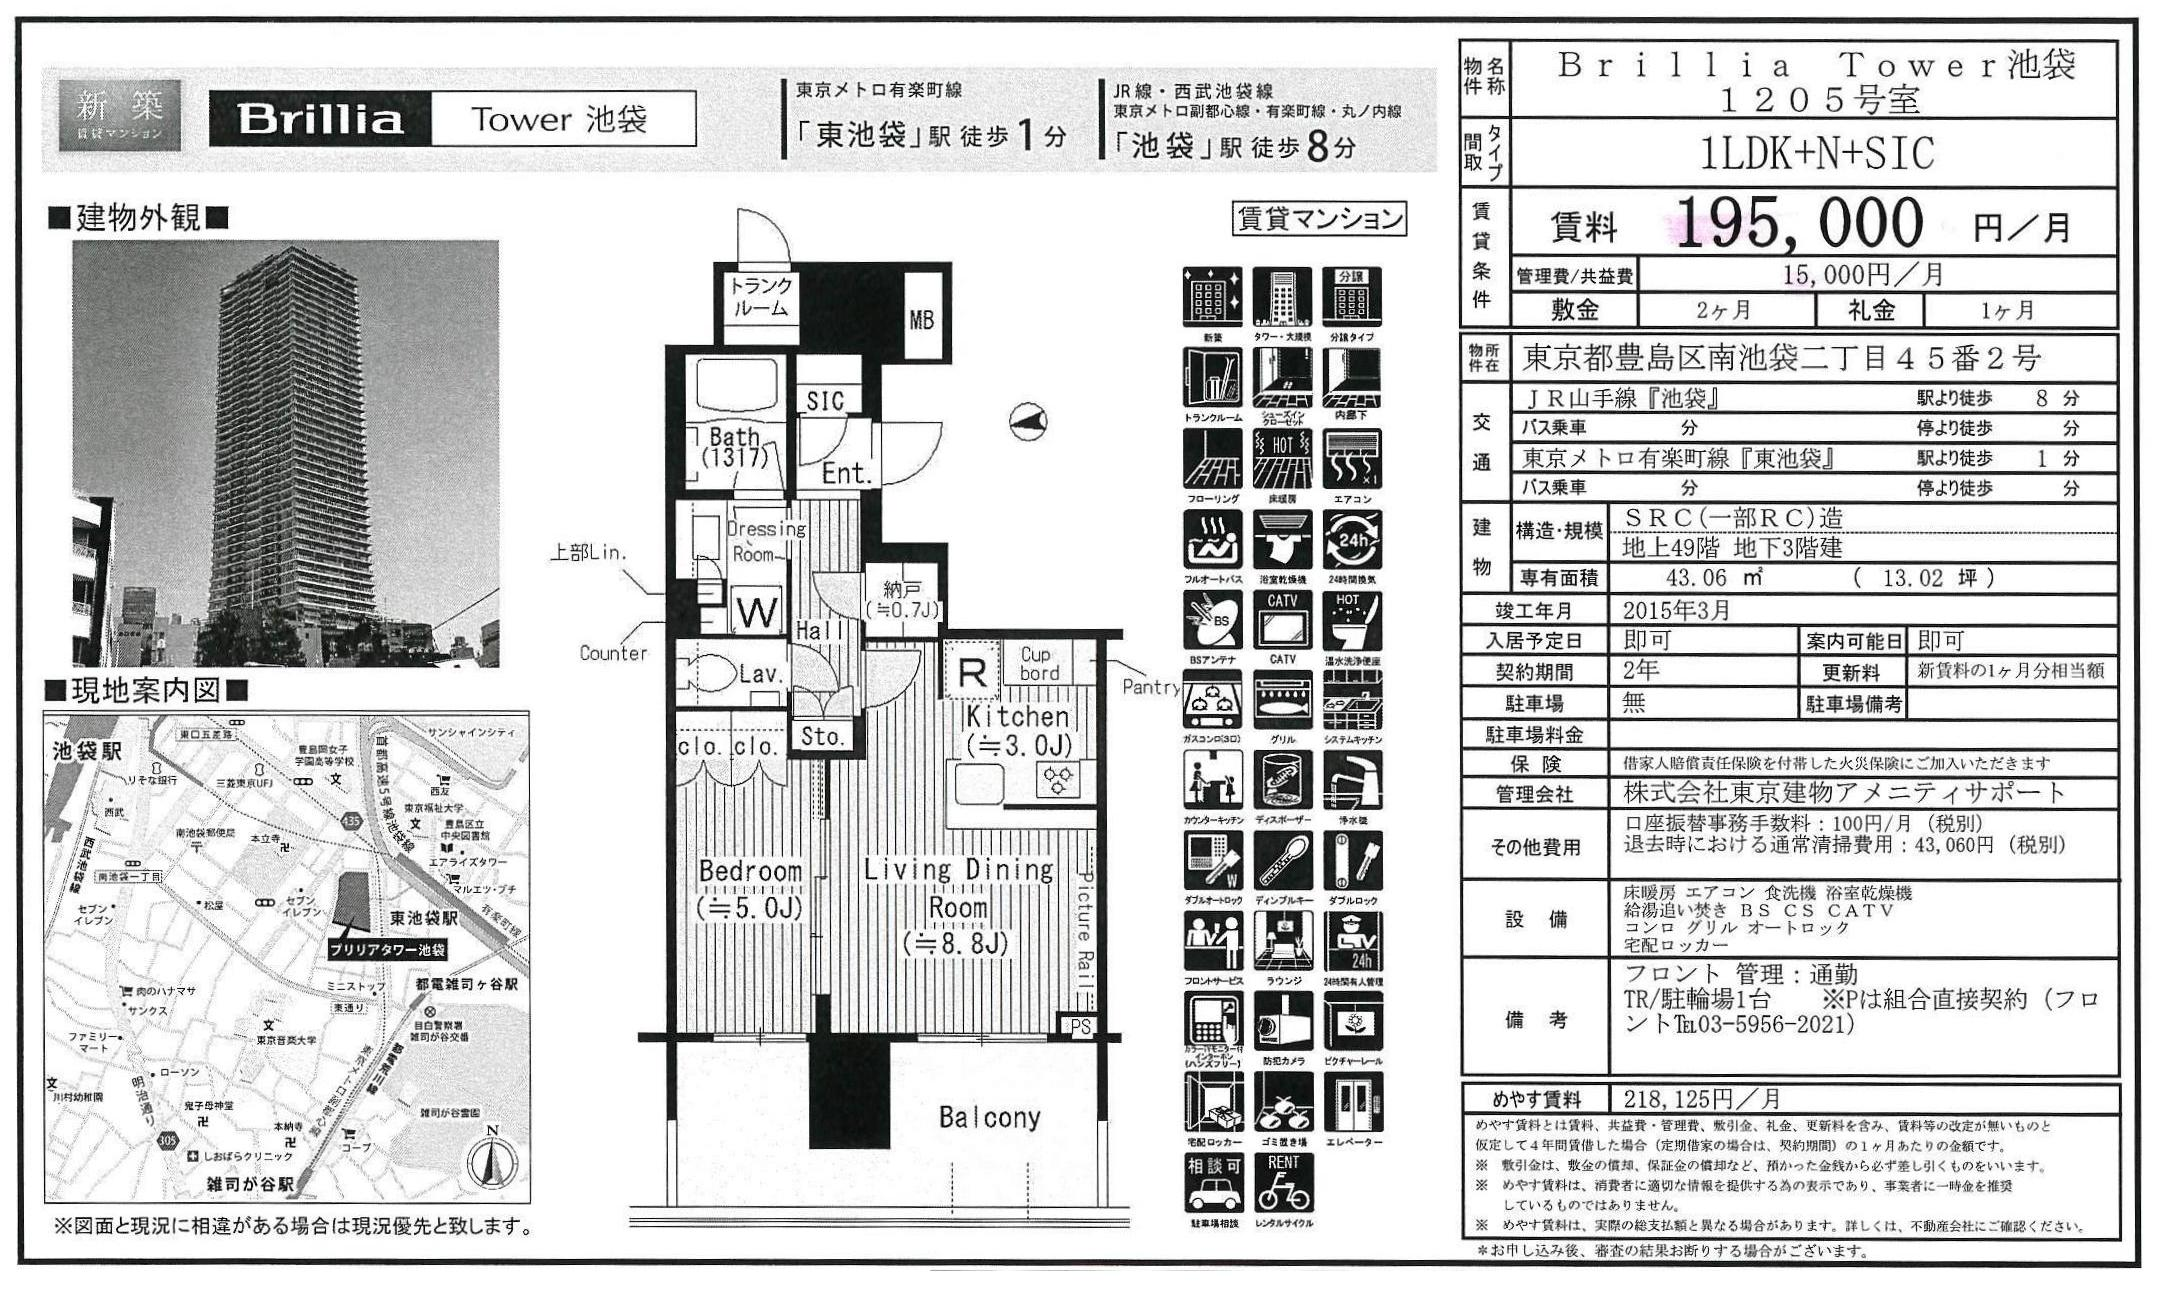 ブリリアタワー池袋図面1205号室